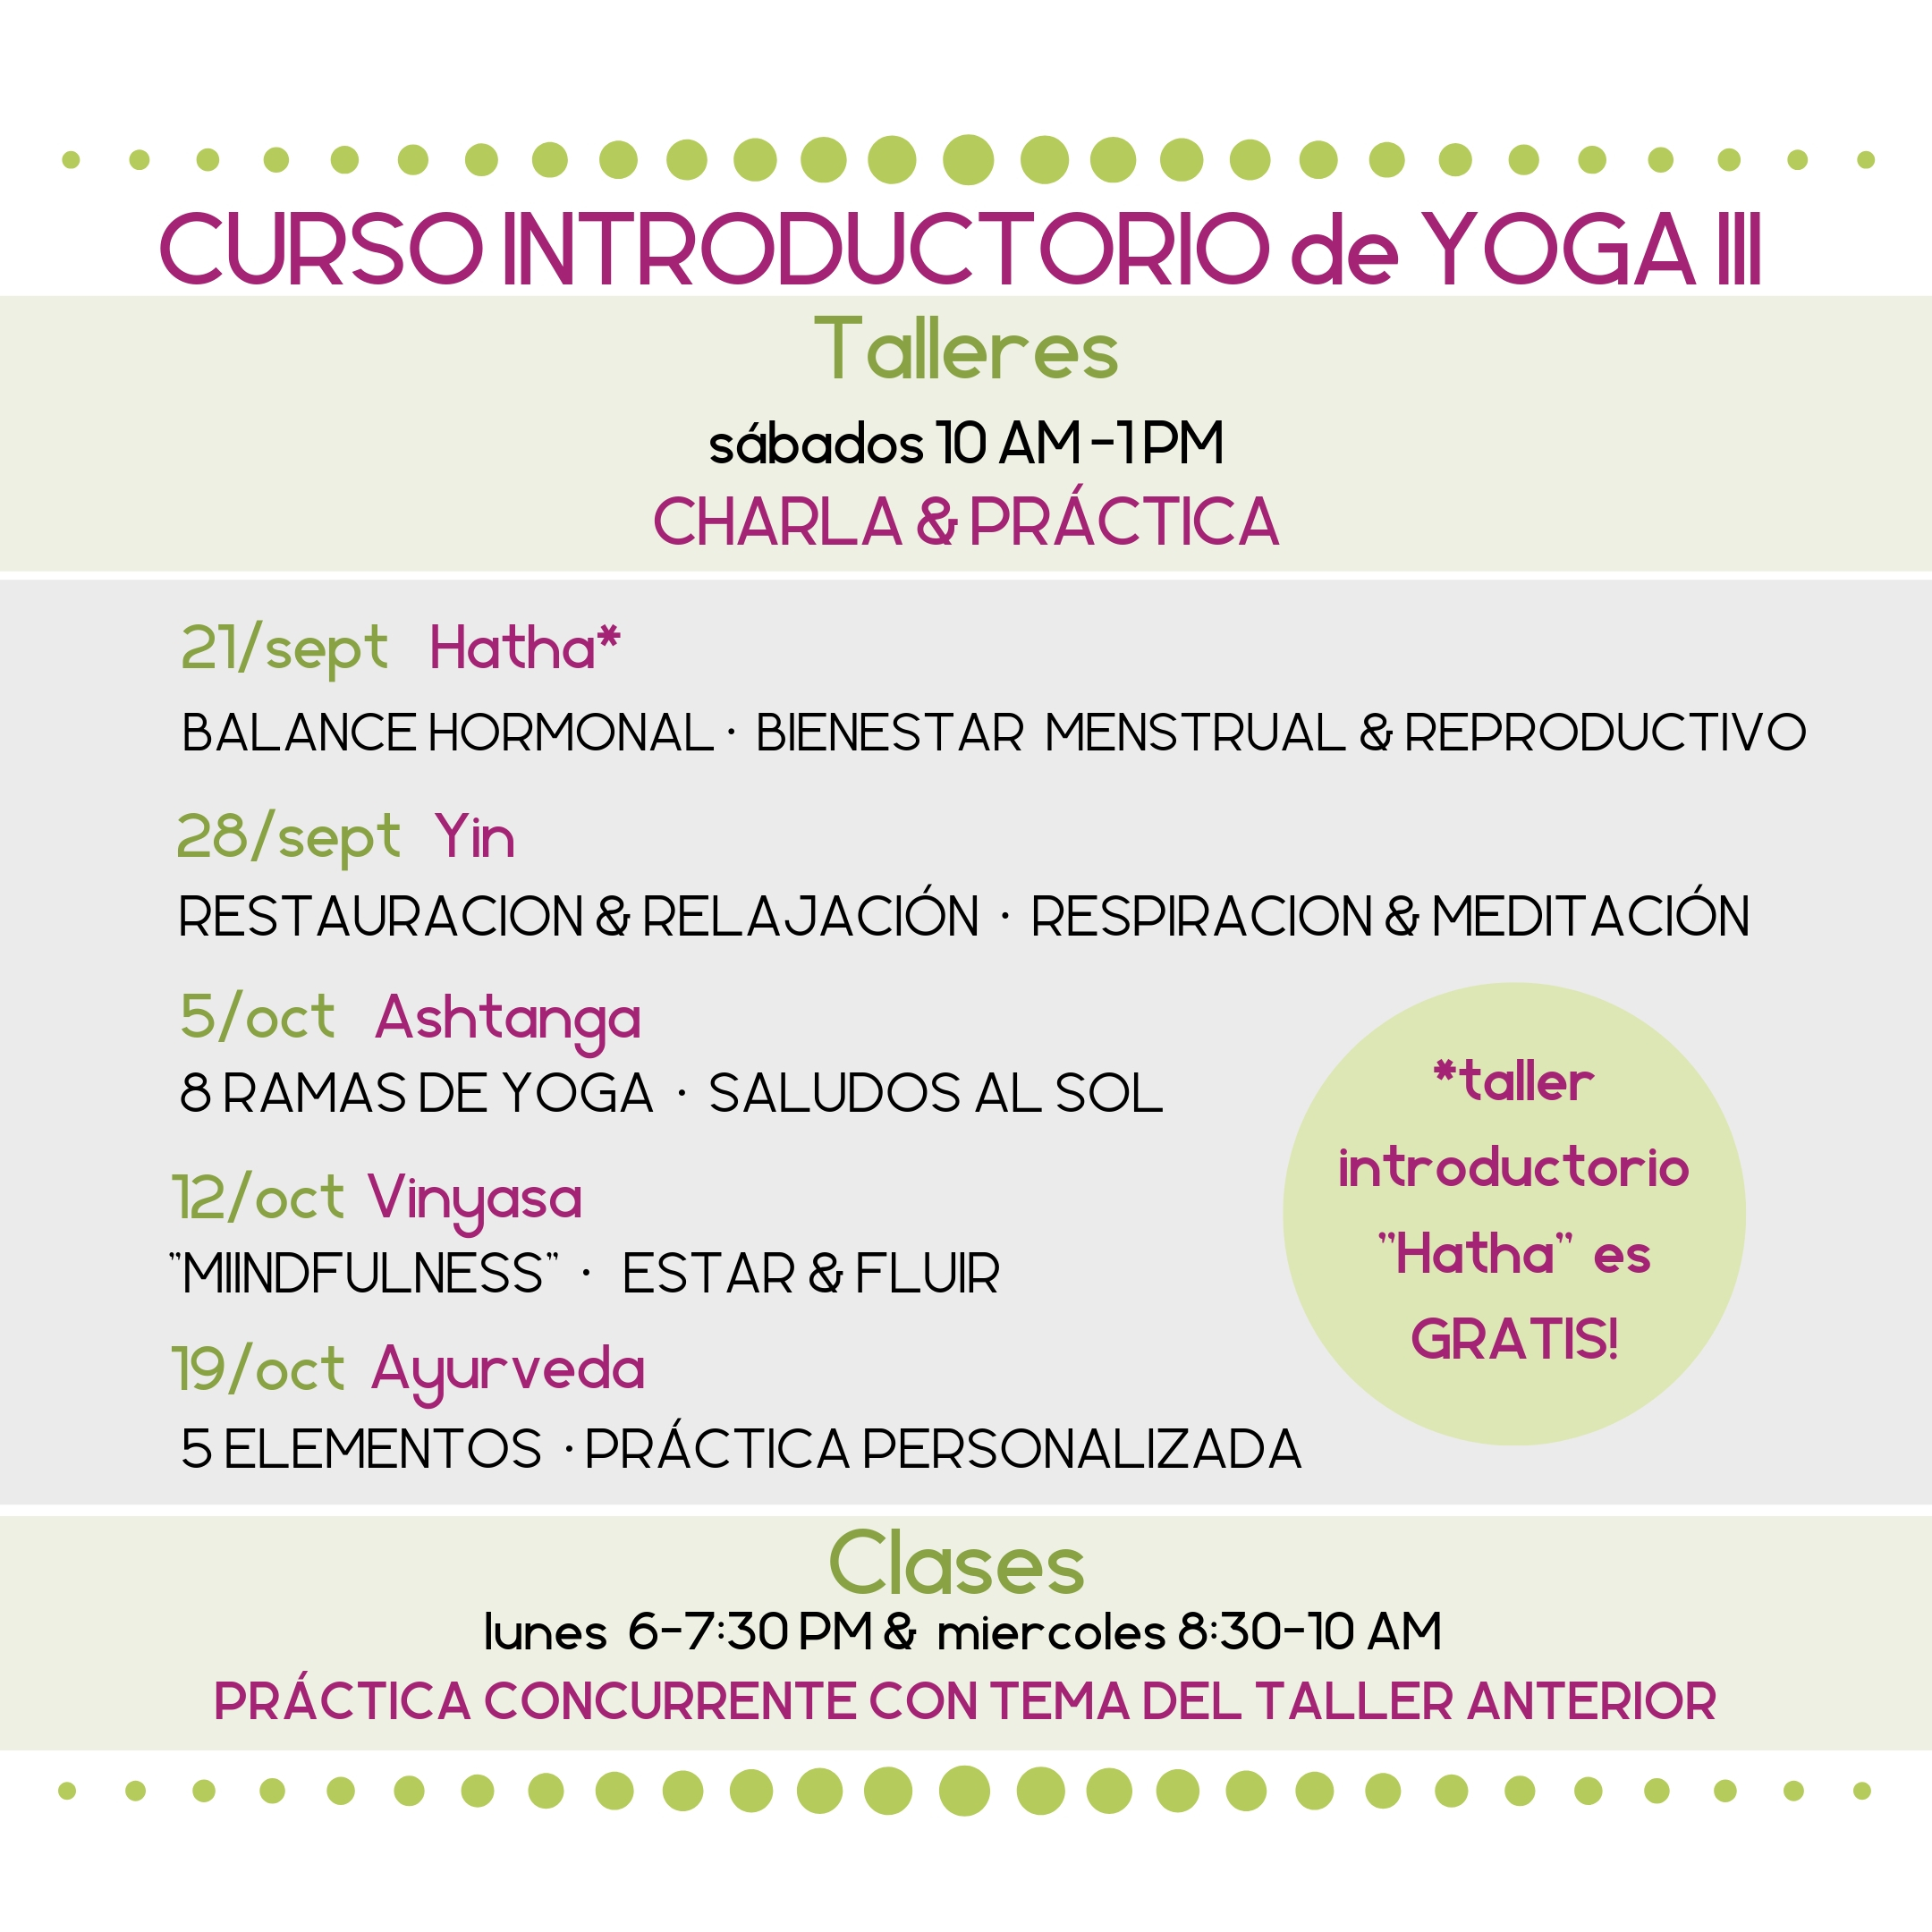 """21/sept Hatha (gratis): balance hormonal, bienestar menstrual & reproductivo  28/sept Yin: restauración y relajación, respiration y meditación  5/oct Ashtanga: 8 ramas de yoga, saludos al sol  12/oct Vinyasa: """"mindfulness"""", estar y fluir  19/oct Ayurveda: 5 elementos, práctica personalizada"""